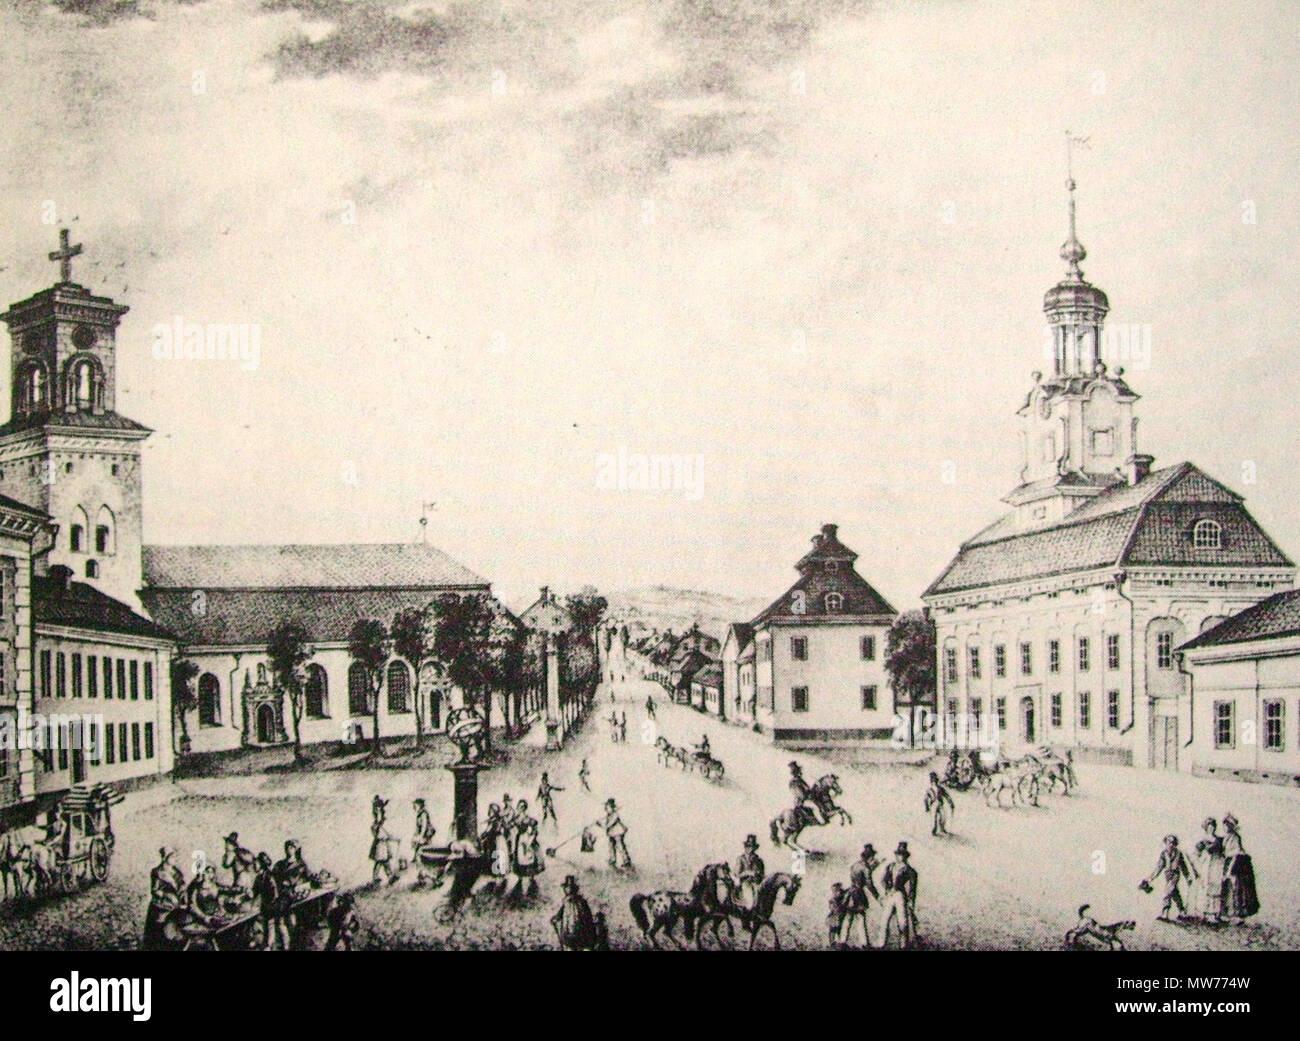 577 Stora torget, Nyköping. Att förnya gammal bygd. Södertälje 1974. Gravyr E. Fr. Martin 1840 - Stock Image